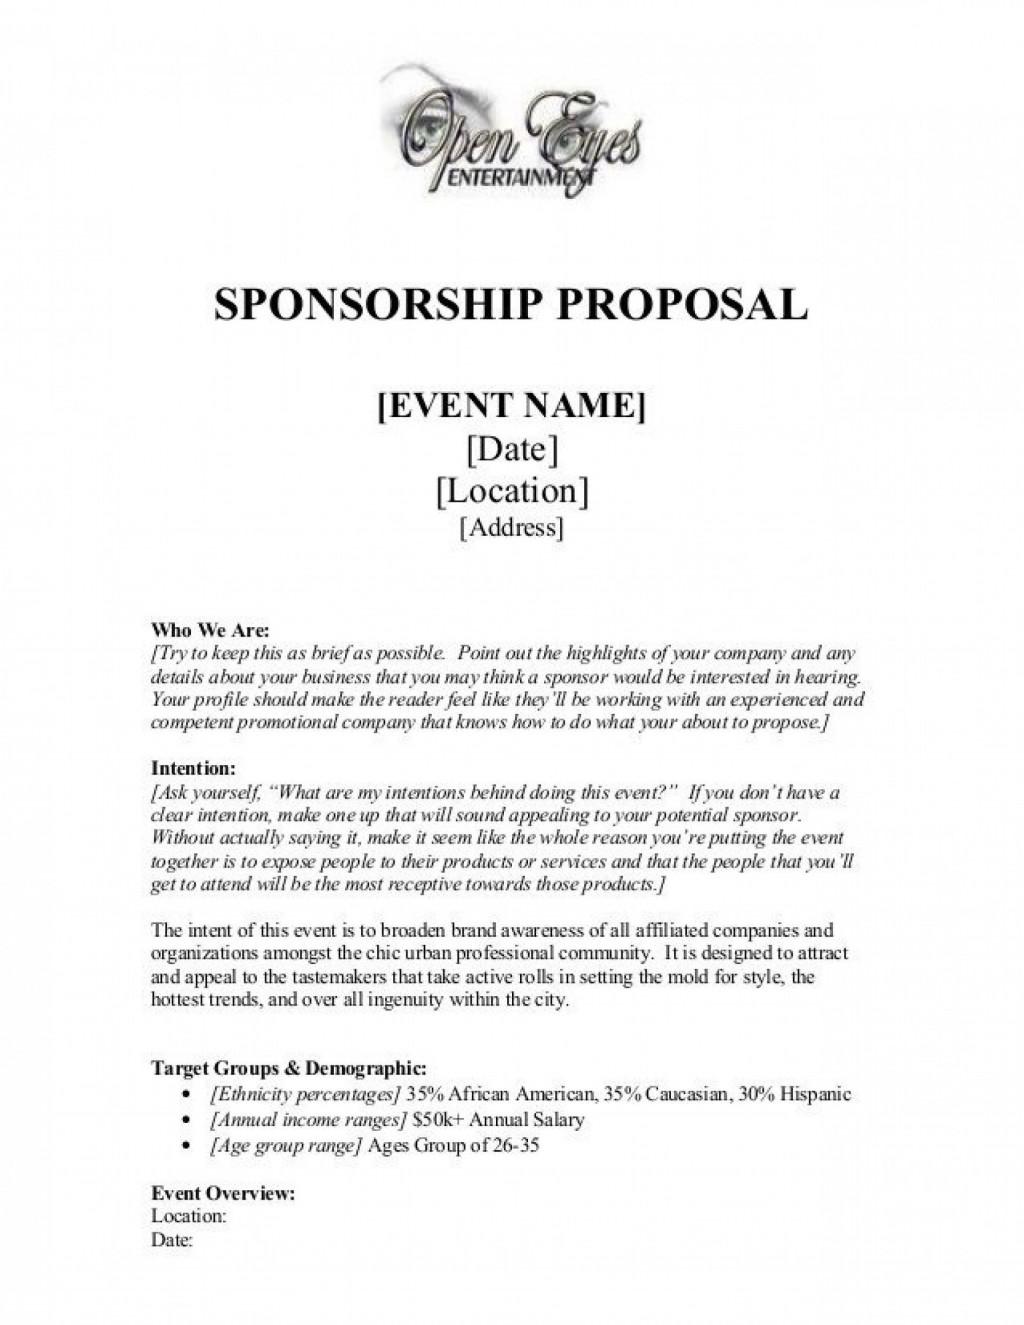 004 Remarkable Event Sponsorship Proposal Sample Pdf High Def  For Letter Music TemplateLarge